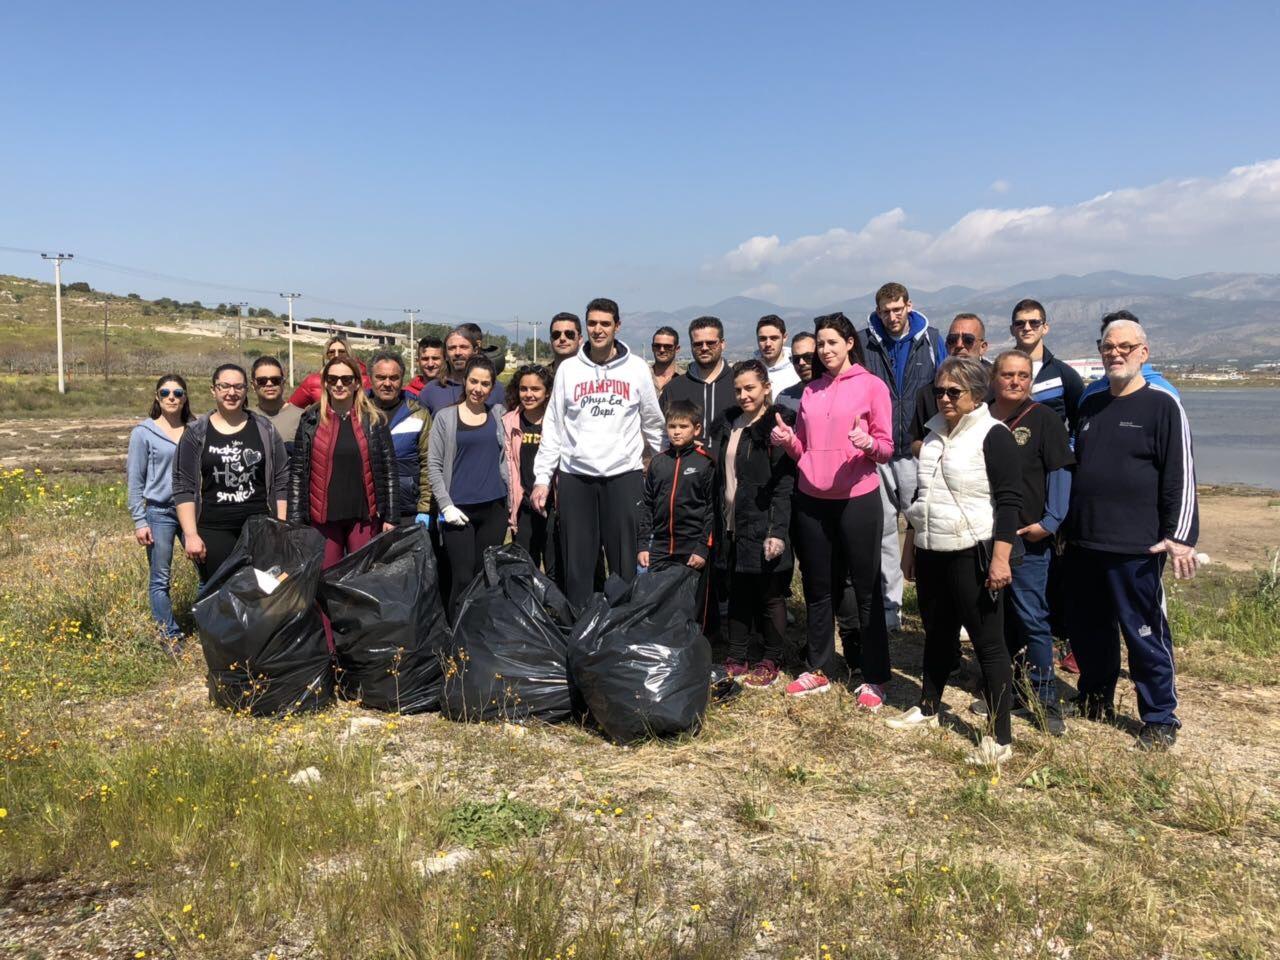 Μαζί με Όραμα: Συμμετοχή στη μεγαλύτερη εθελοντική δράση Let's do it Greece